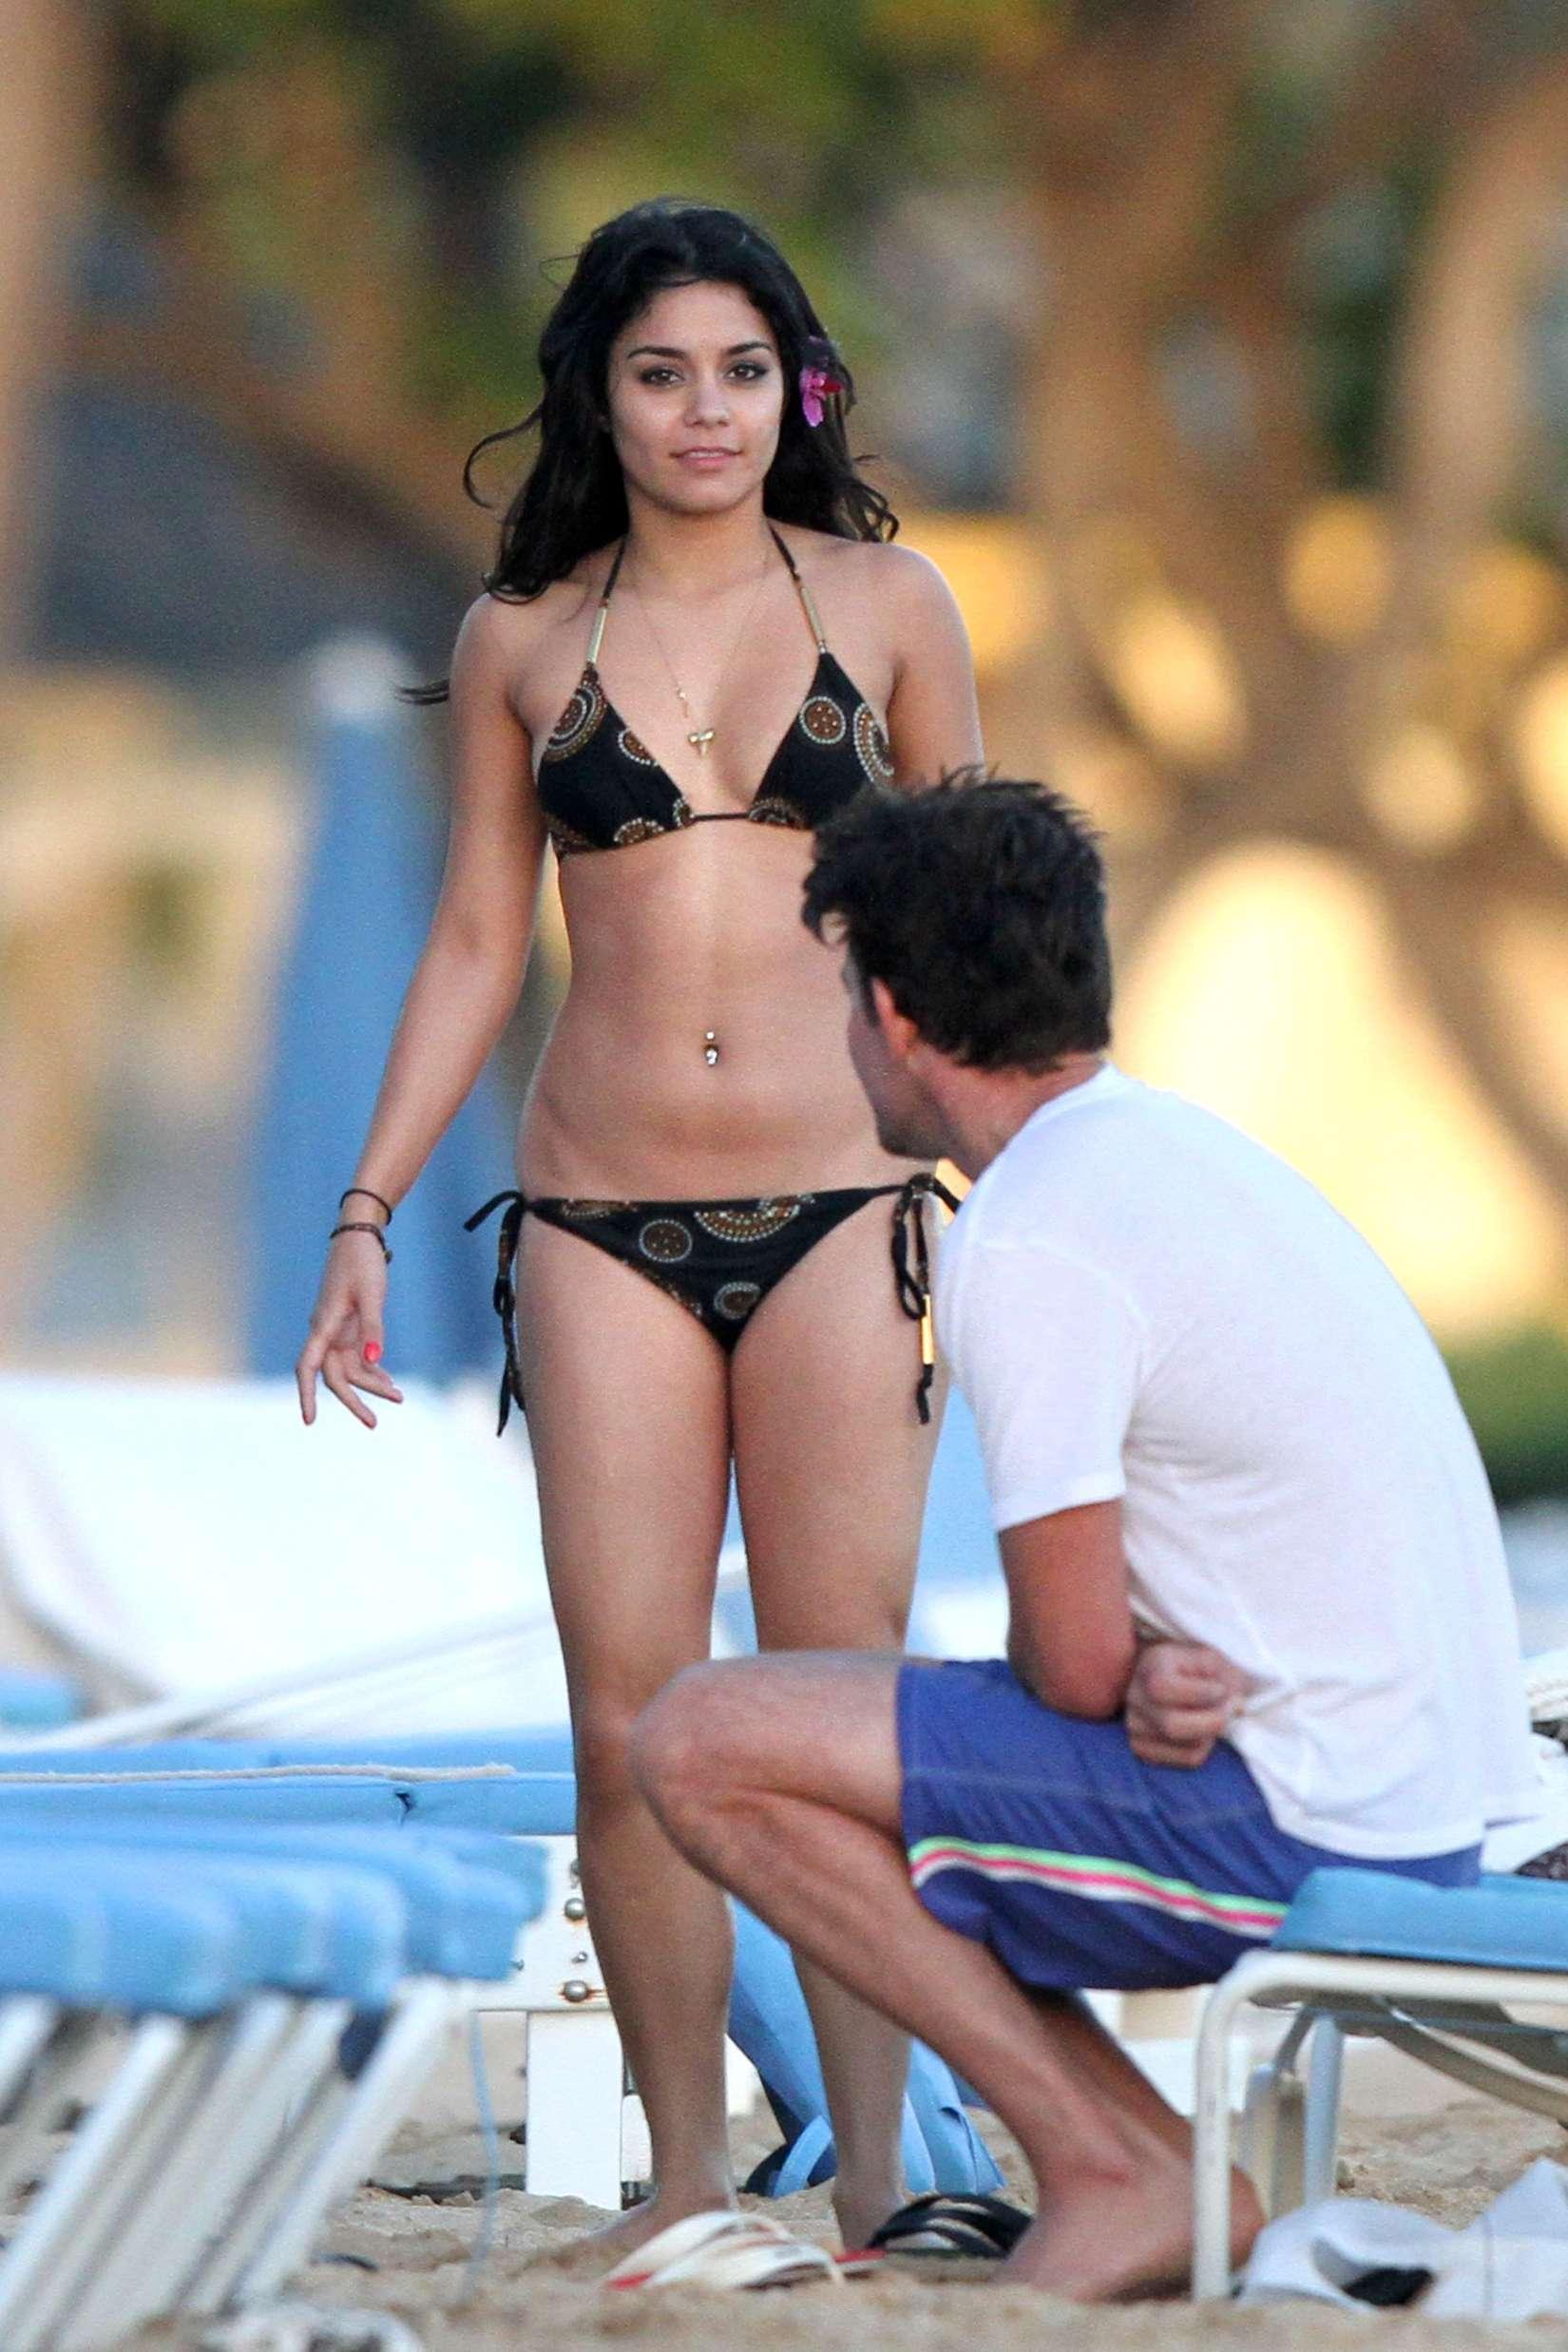 Vanessa Anne Hudgens Bikini Pics 90